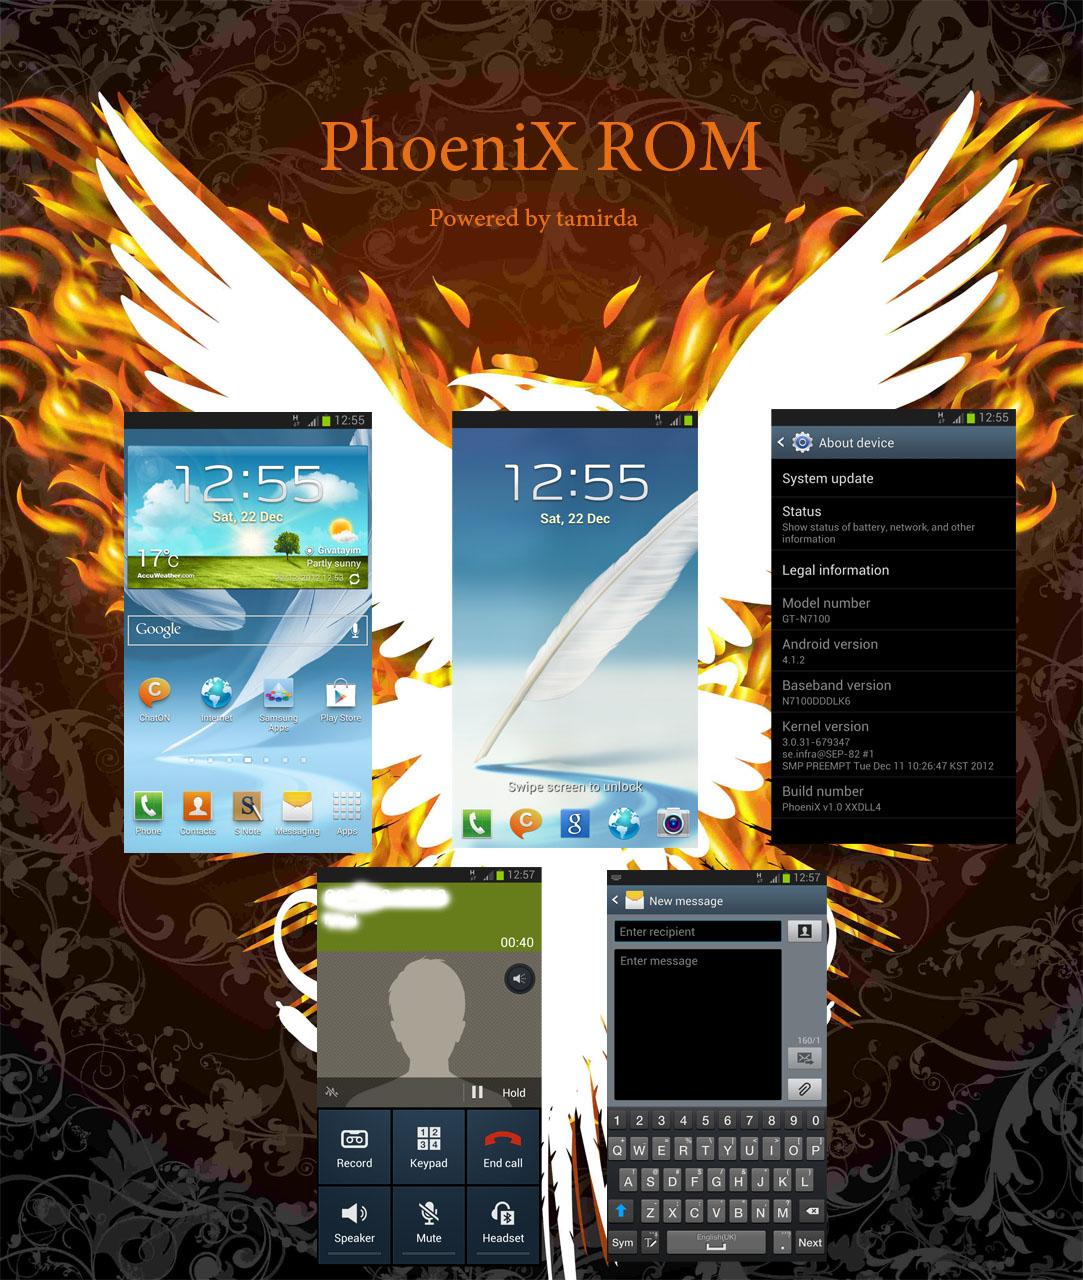 phoenixrom.jpg